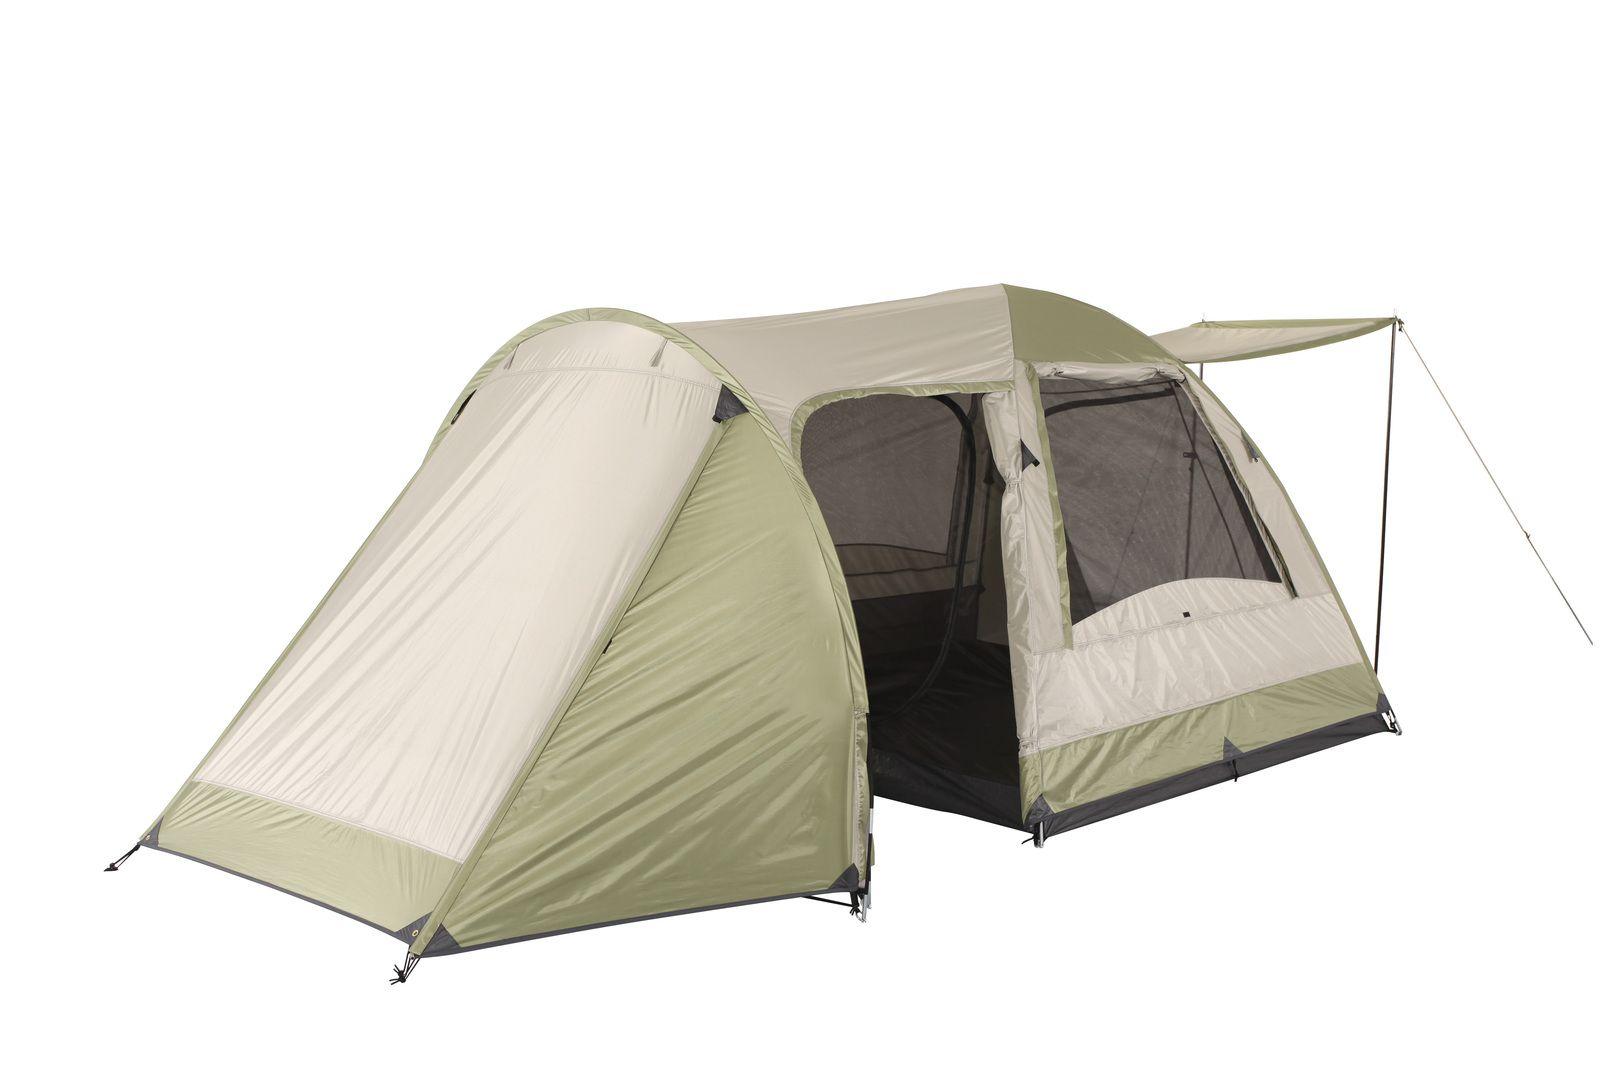 Oztrail tasman v plus dome tent hiking camping u travel